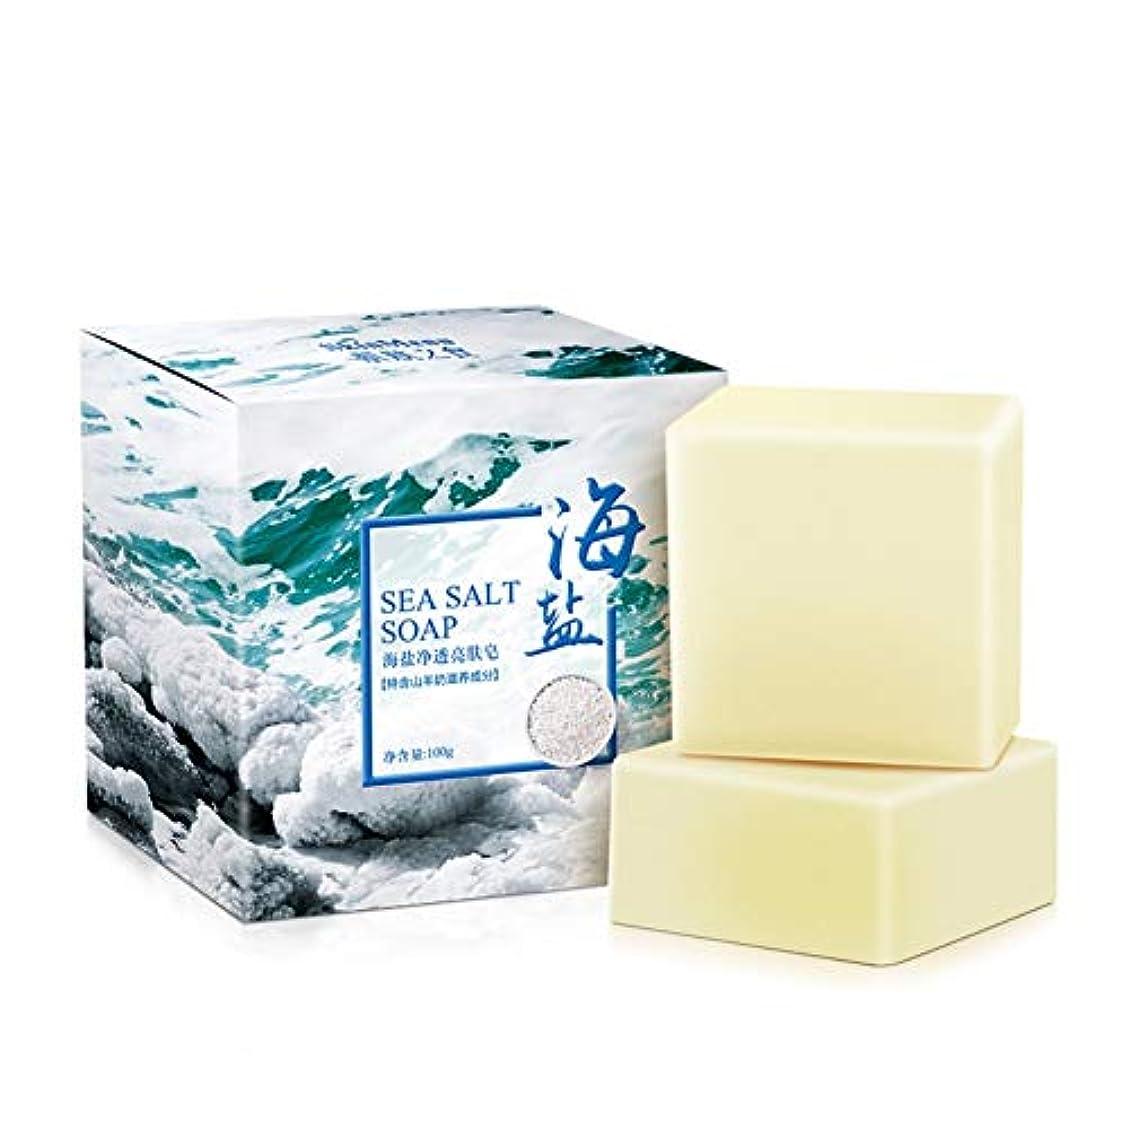 オデュッセウス証明インチKISSION せっけん 透明な半透明石鹸 海塩が豊富 ローカストソープ ダニをすばやく削除 無添加 敏感 保湿 肌用 毛穴 対策 パーソナルケア製品